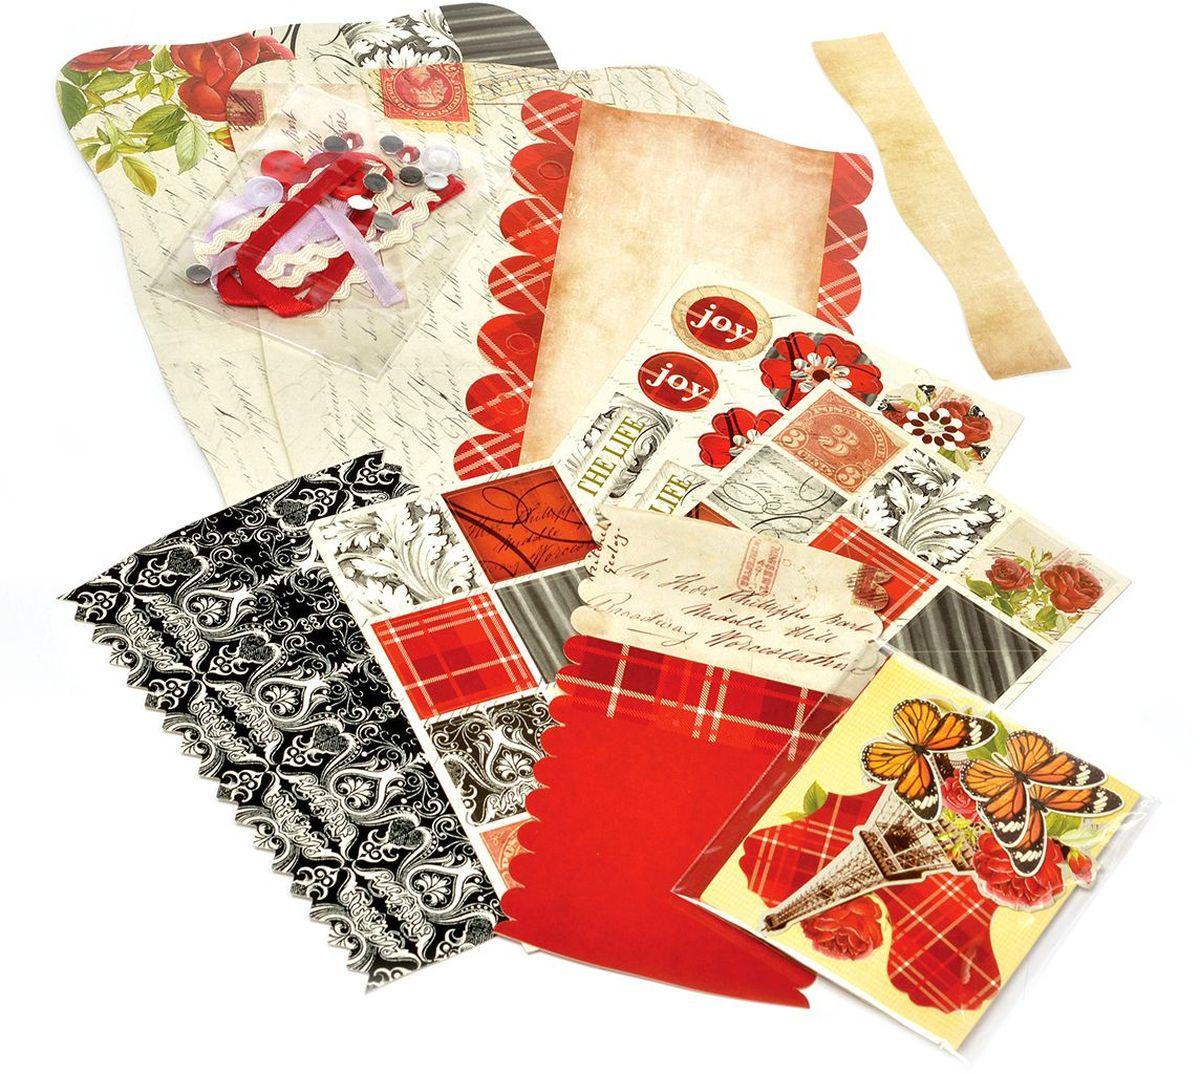 Картинки, обложка для набора открыток как называется